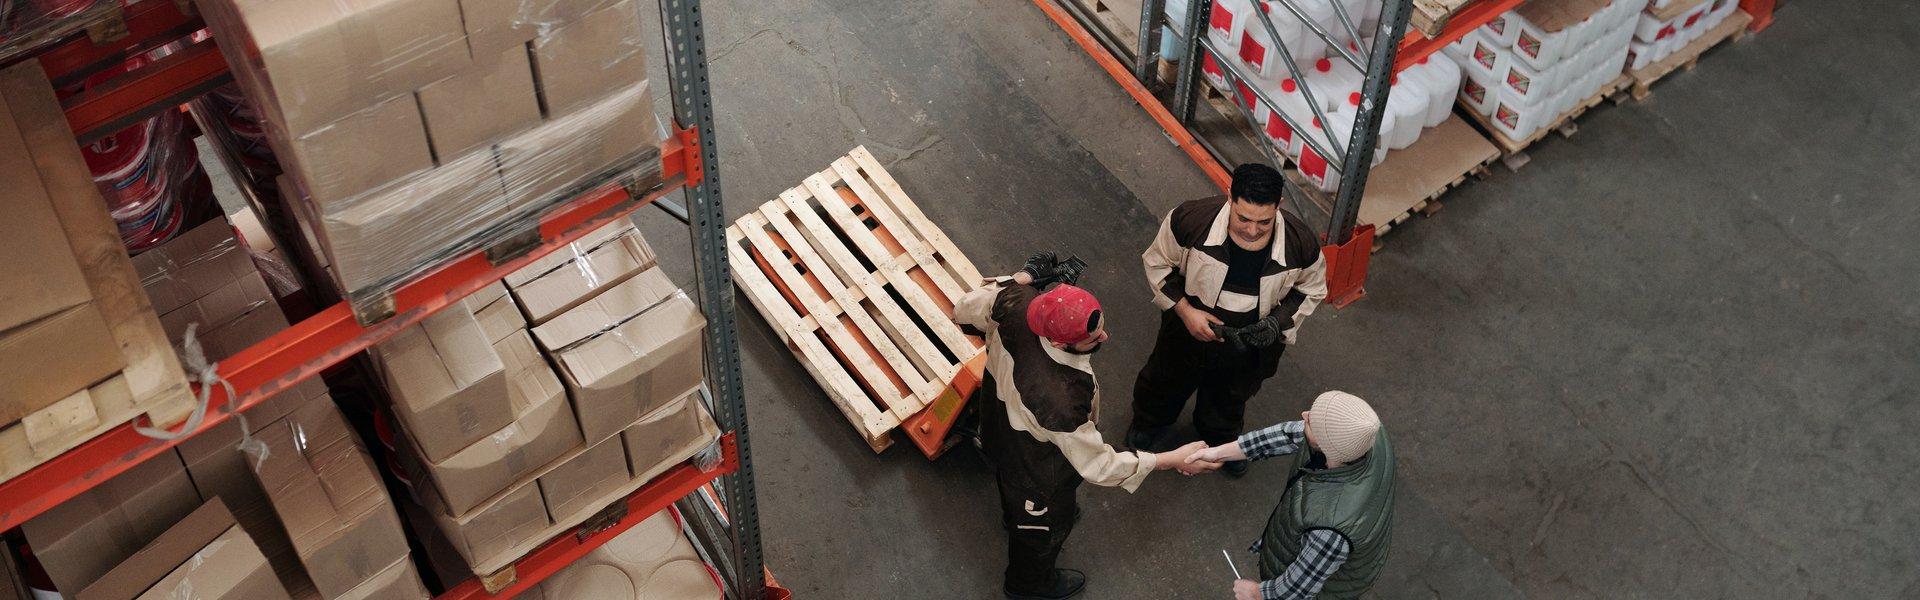 Industria embalaje almacén